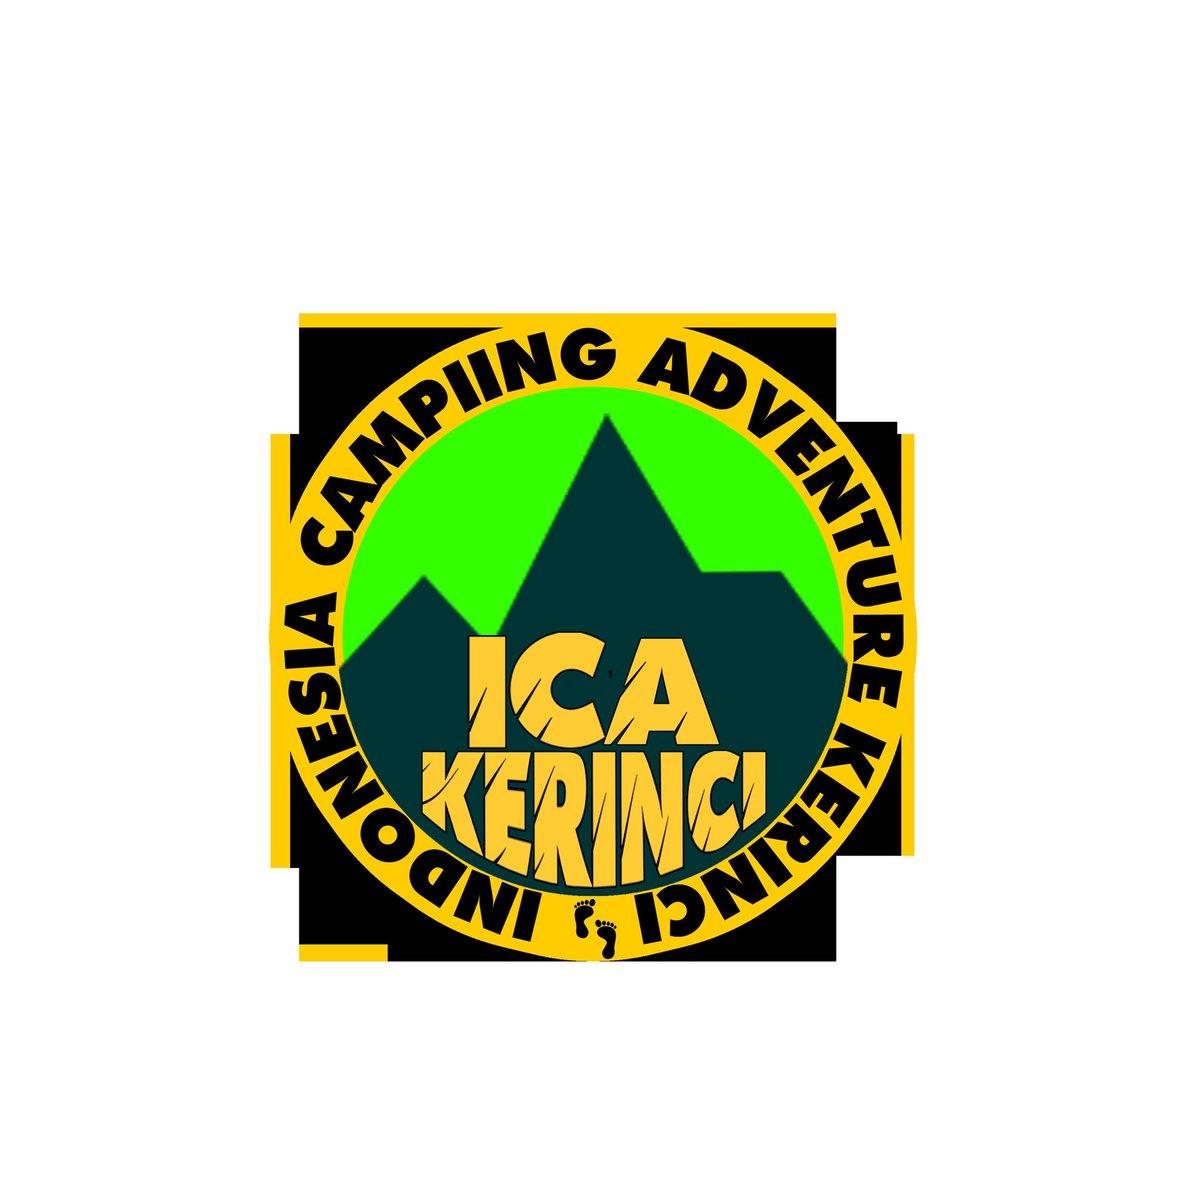 Izin memperkenalkan  Indonesia Camping Adventure Kerinci Komunitas Baru bidang Penggiat Wisata dan Pecinta Alam di Kabupaten Kerinci Provinsi jambi - Indonesia.  #gunung #kerinci #jambi #hpi #apgi #wisatalendirjogja #gunungkerinci #pecintaalam #penggiatwisata #bandung #tnks https://t.co/mXF1zLY60r